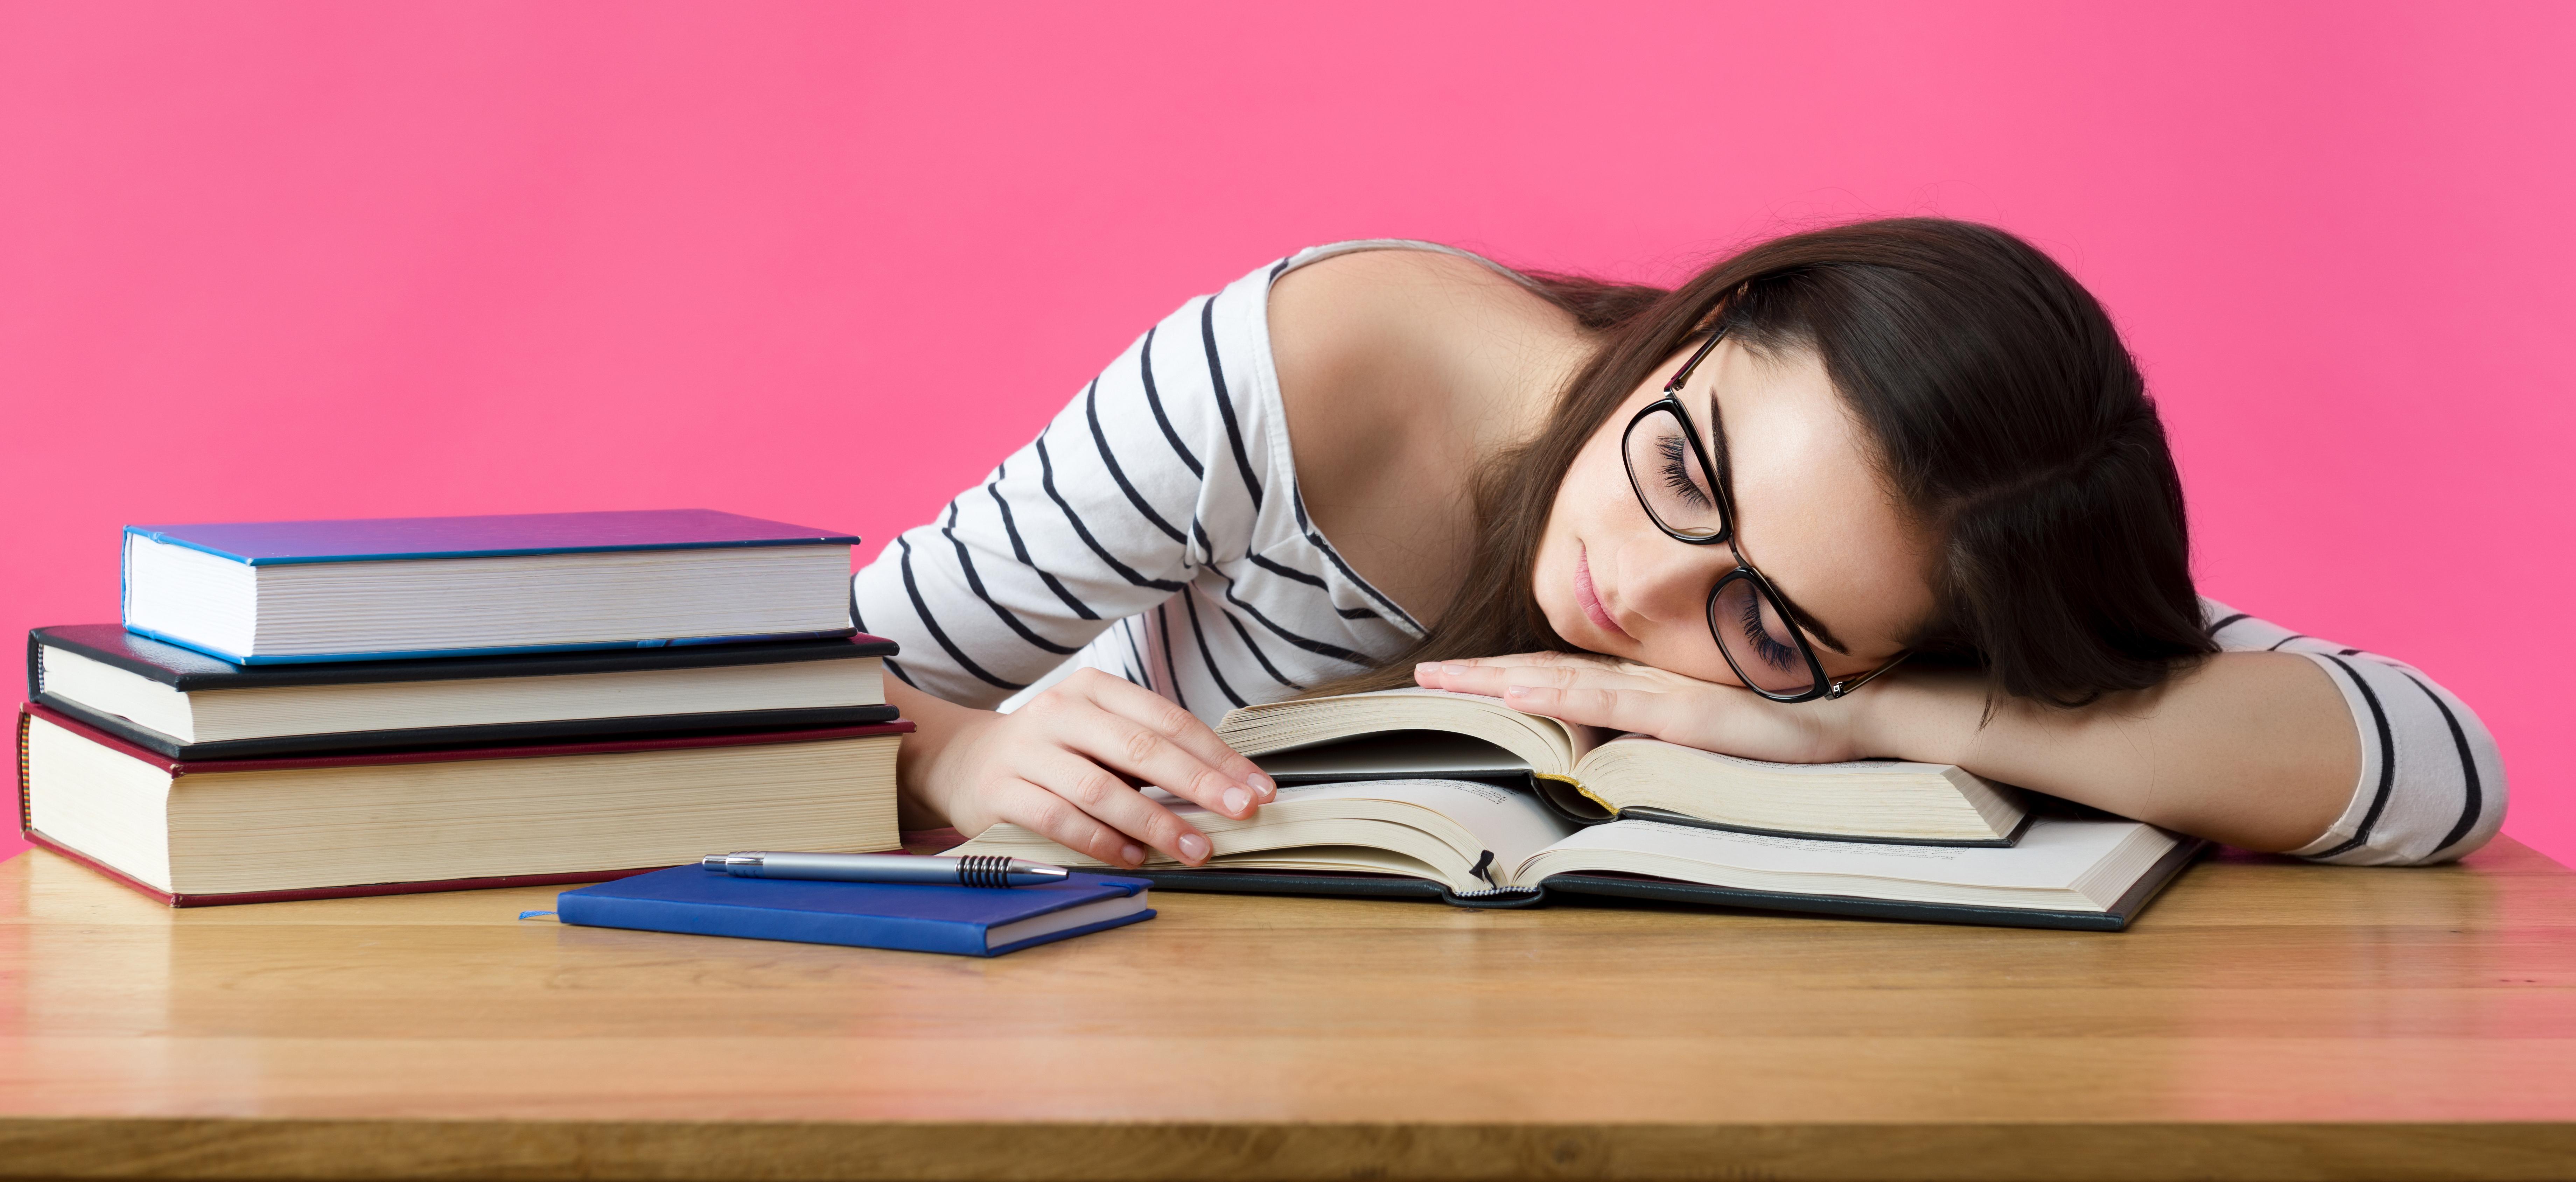 Etudiante dormant sur des livres